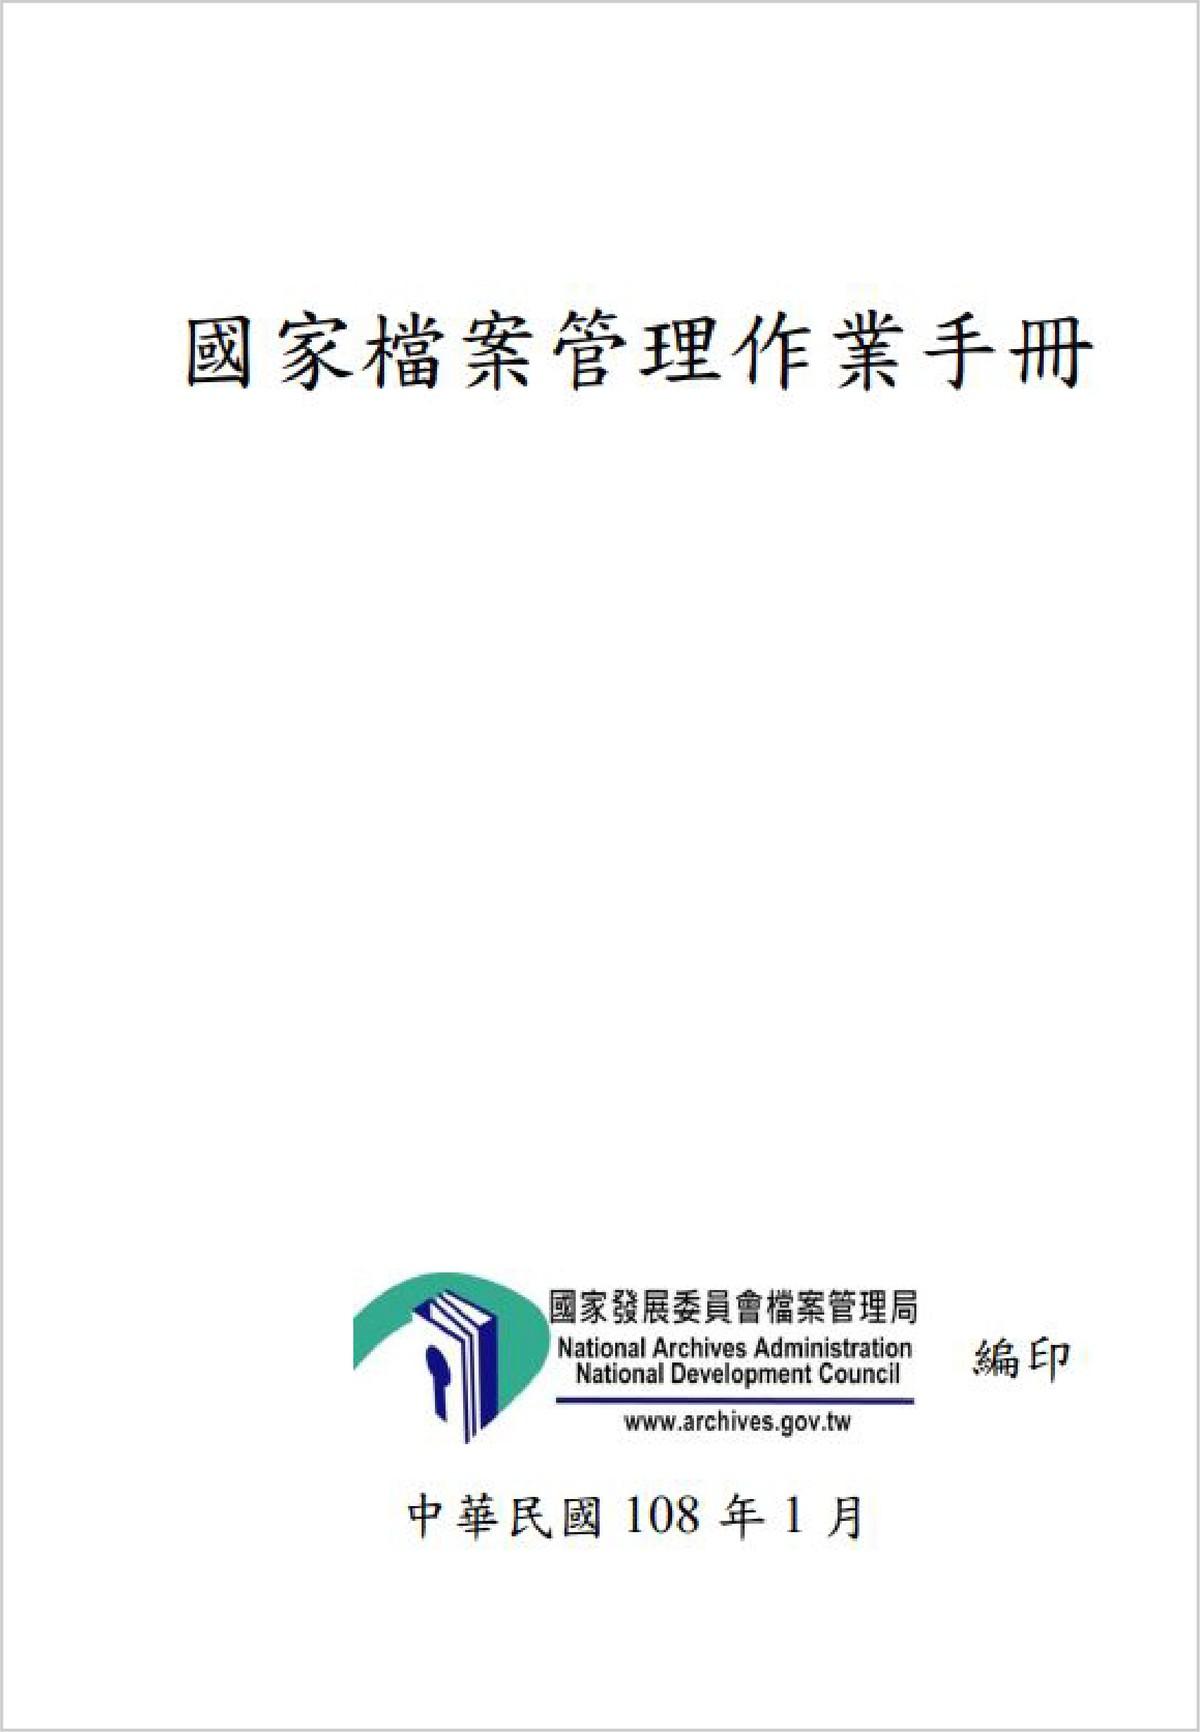 函頒修訂「國家檔案管理作業手冊」